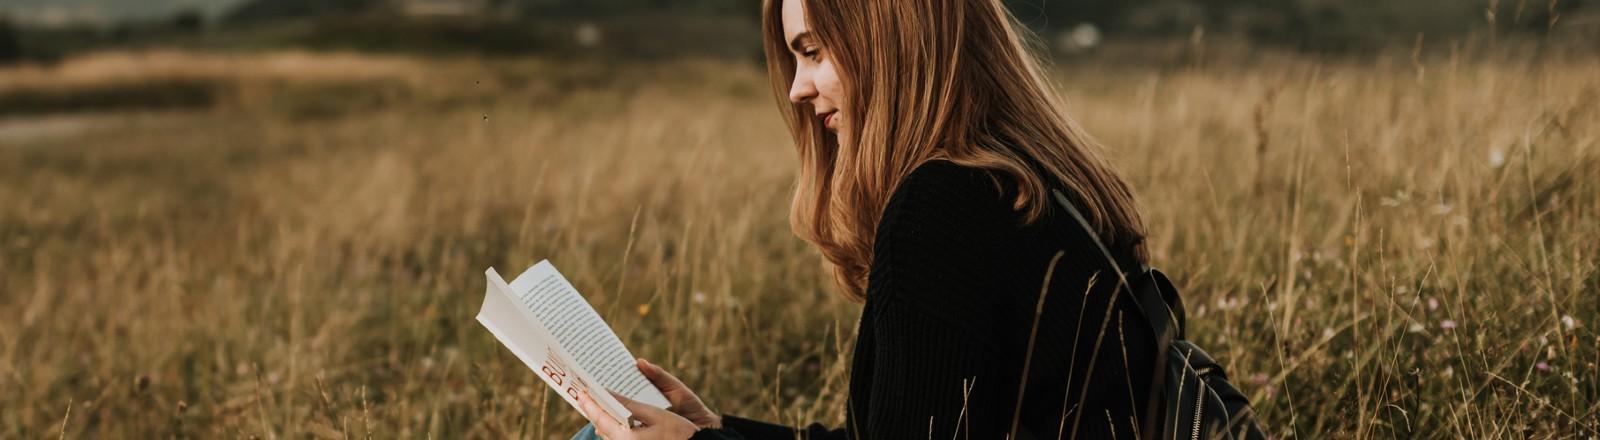 Eine junge Frau sitzt in der Natur mit einem Buch in der Hand.